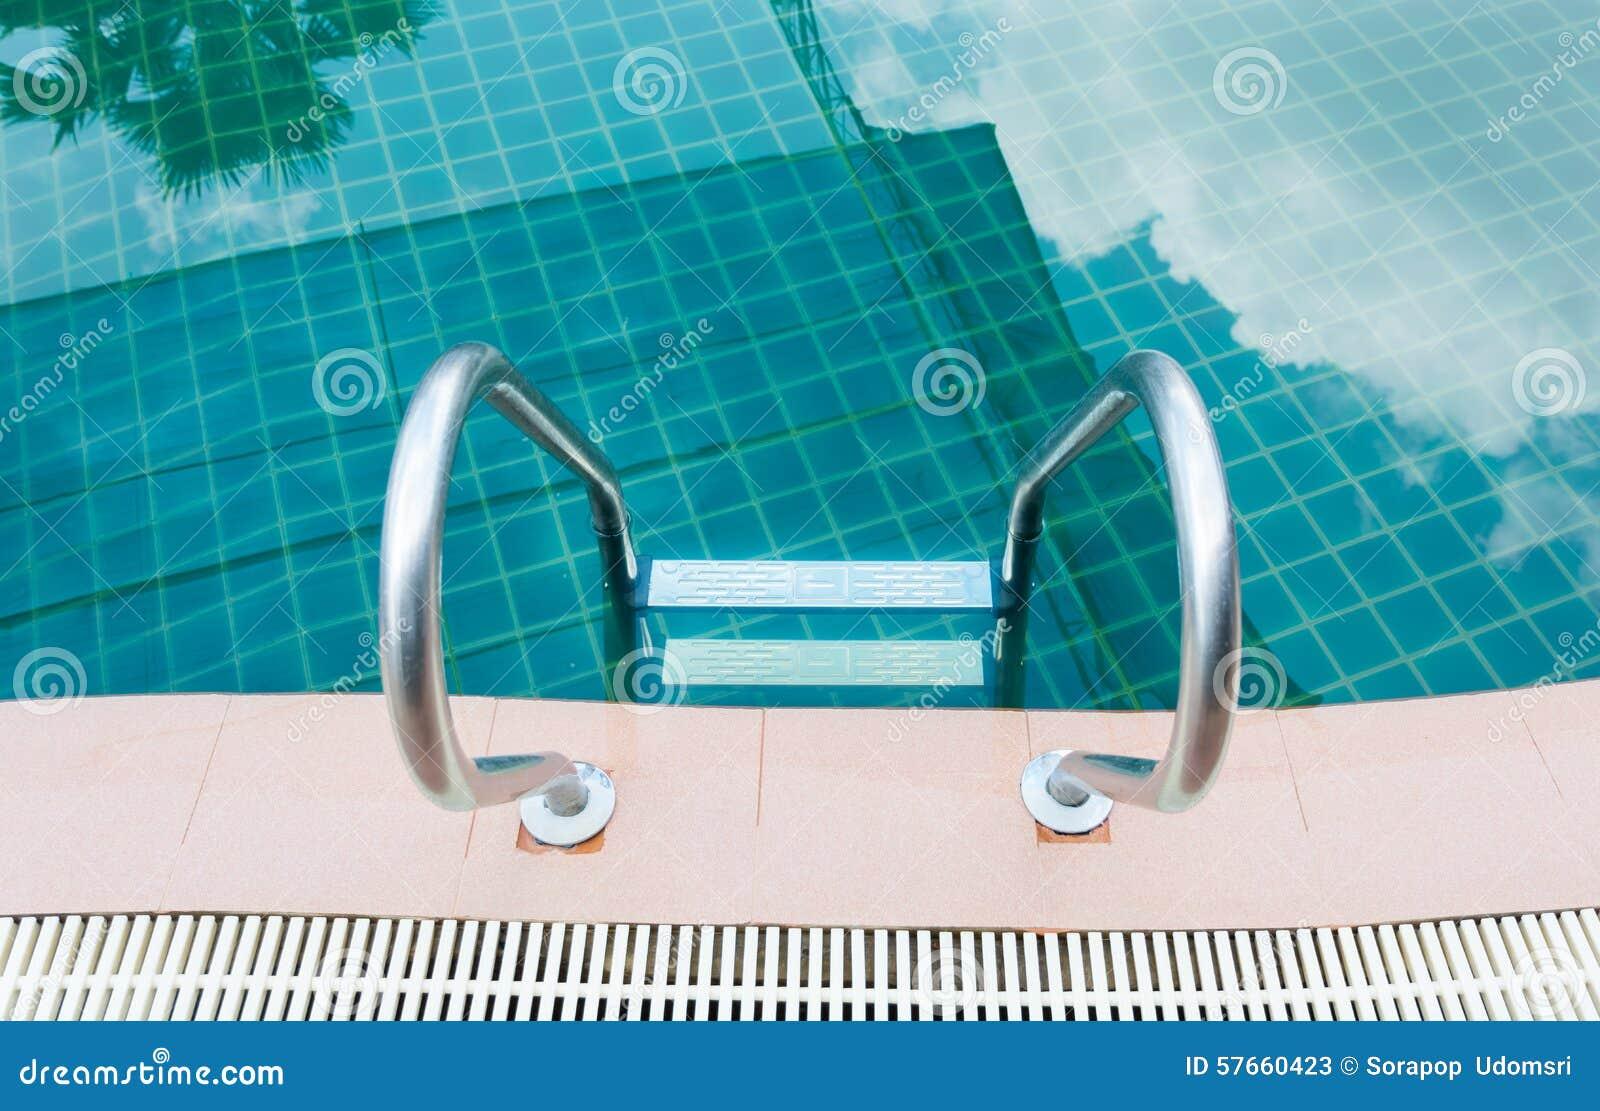 Hotelowy basen piękno płynie bardzo